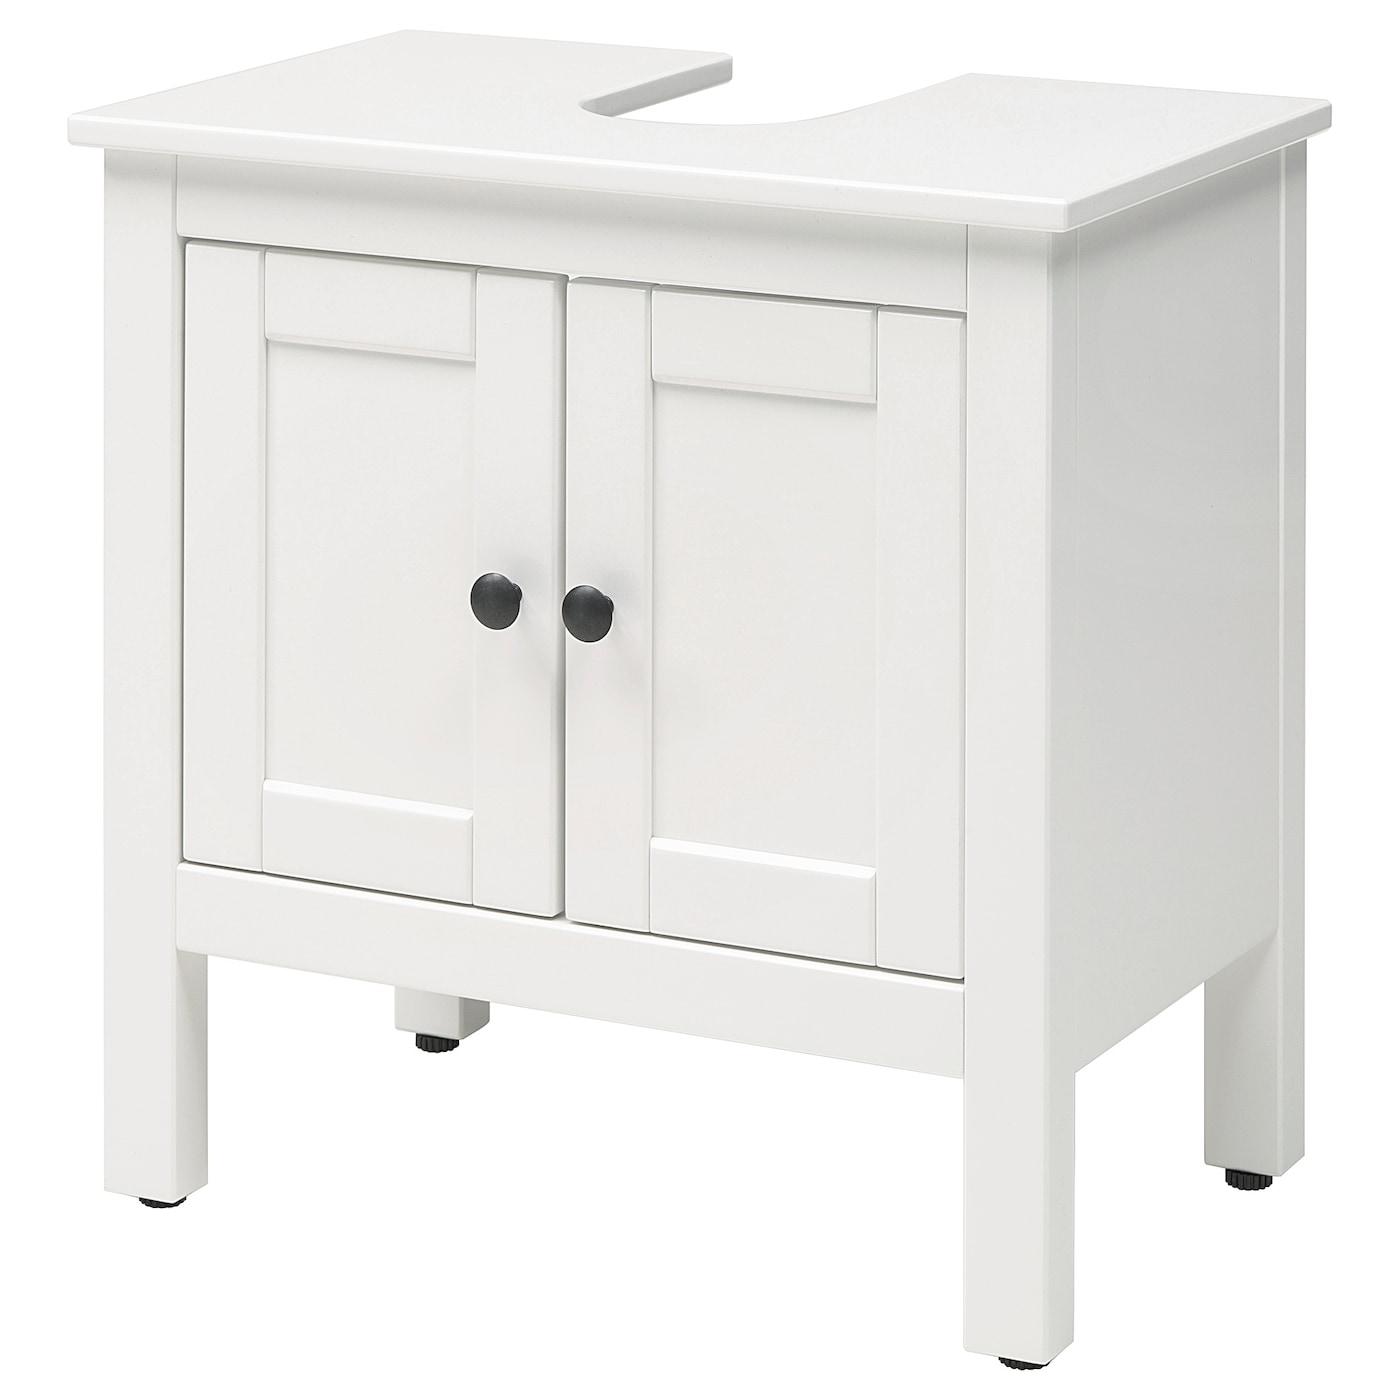 Full Size of Hemnes Waschbeckenunterschrank Modulküche Ikea Miniküche Küche Kosten Sofa Mit Schlaffunktion Bad Unterschrank Betten 160x200 Badezimmer Eckunterschrank Wohnzimmer Ikea Unterschrank